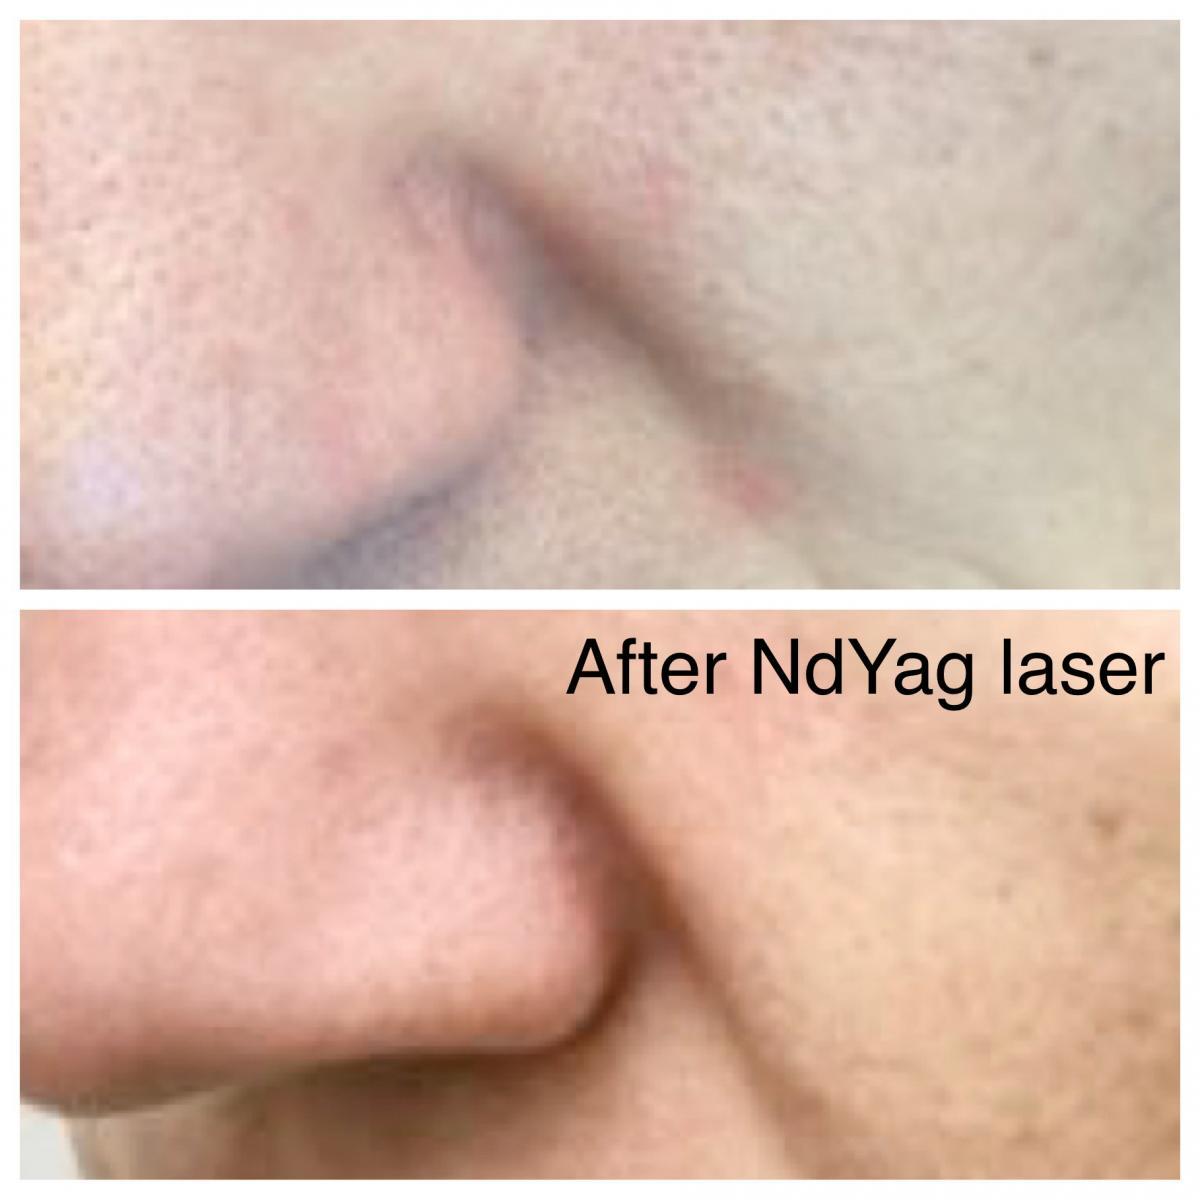 After-MDYag-Laser